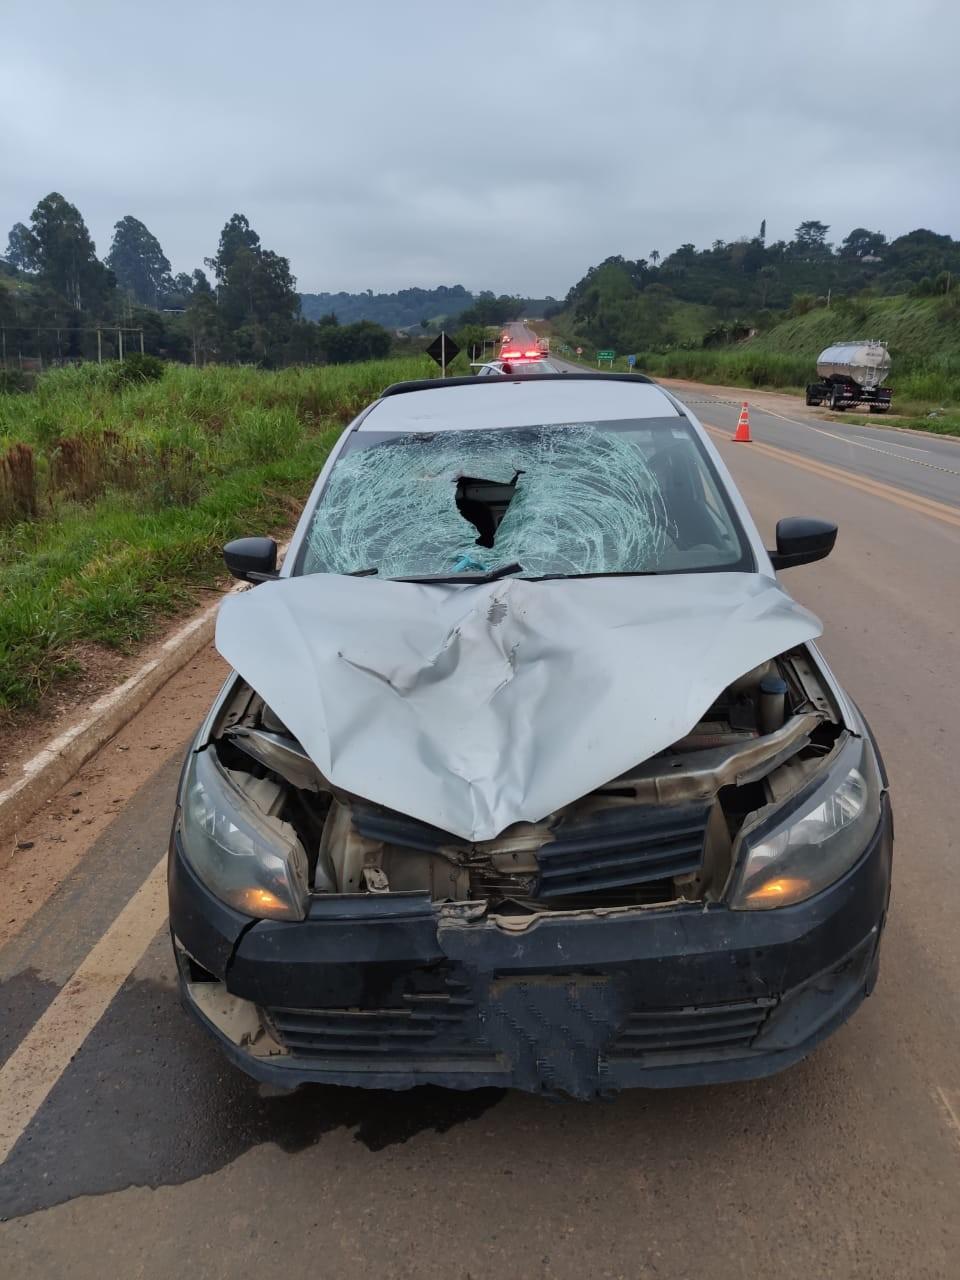 Homem morre após ser atropelado por carro na BR-146, em Botelhos, MG